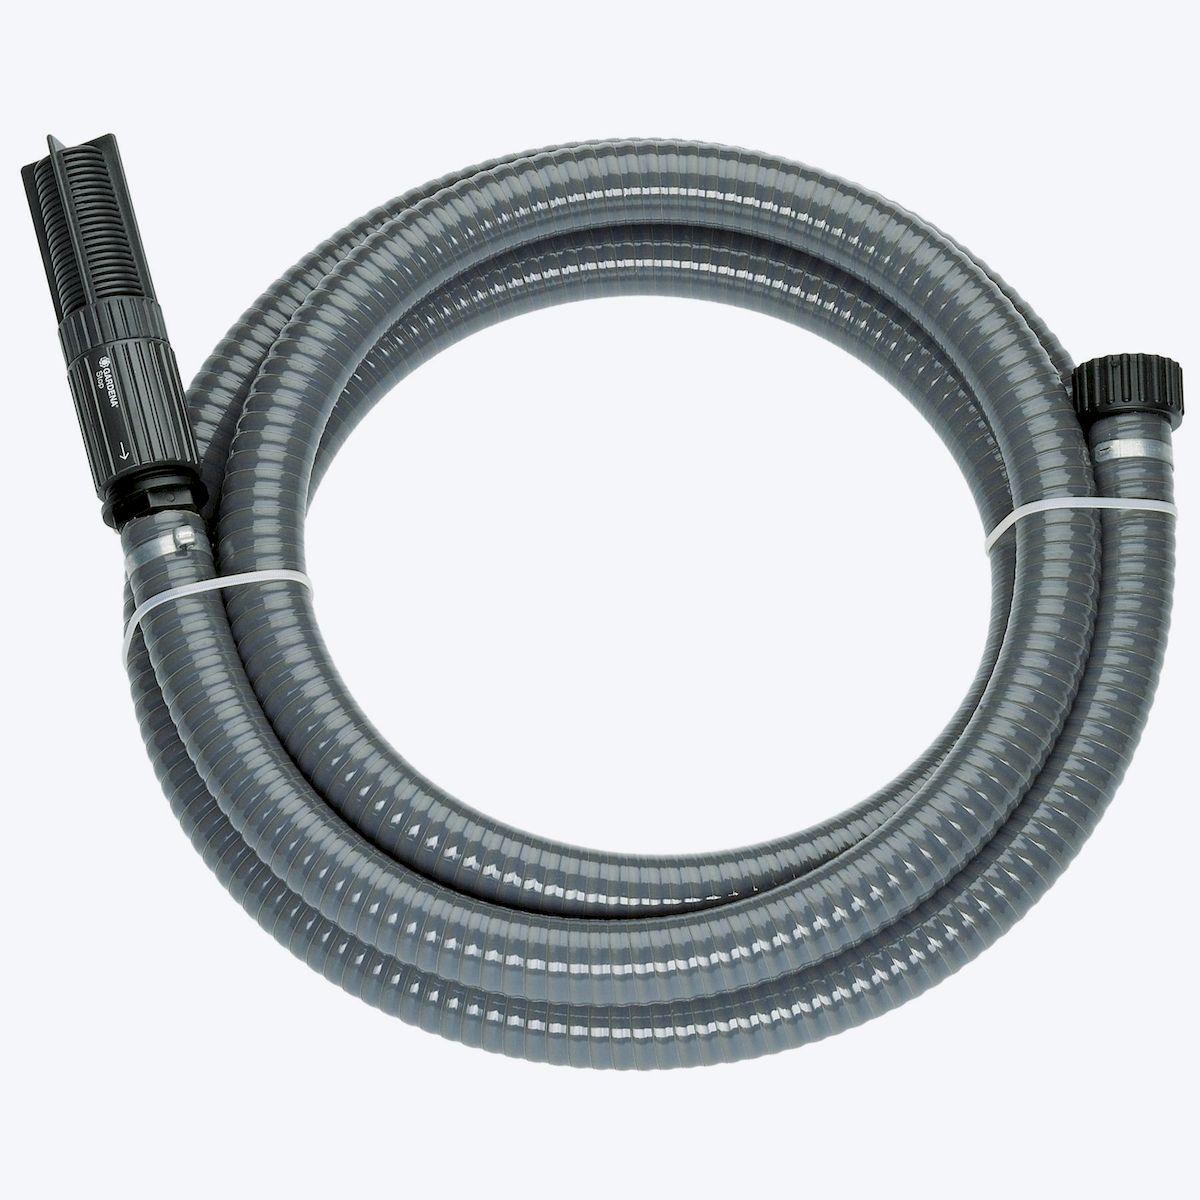 Шланг Gardena, заборный, с насосом и фильтром, диаметр 25 мм, длина 7 м787502Заборный шланг Gardena используется в комплекте с насосом. Шланг спирально-армирован, что увеличивает его прочностные характеристики. Фильтр, встроенный в шланг, защищает насос от загрязнения, что в конечном счете сказывается на сроке службы насоса. Также в конструкции заборного шланга имеется обратный клапан, благодаря которому при повторном включении время всасывания заметно сокращается. Все соединяющие элементы гарантируют герметичное соединение. Подходит для насосов с наружной резьбой 33,3 мм (G 1).Длина шланга: 7 м.Диаметр шланга: 25 мм.